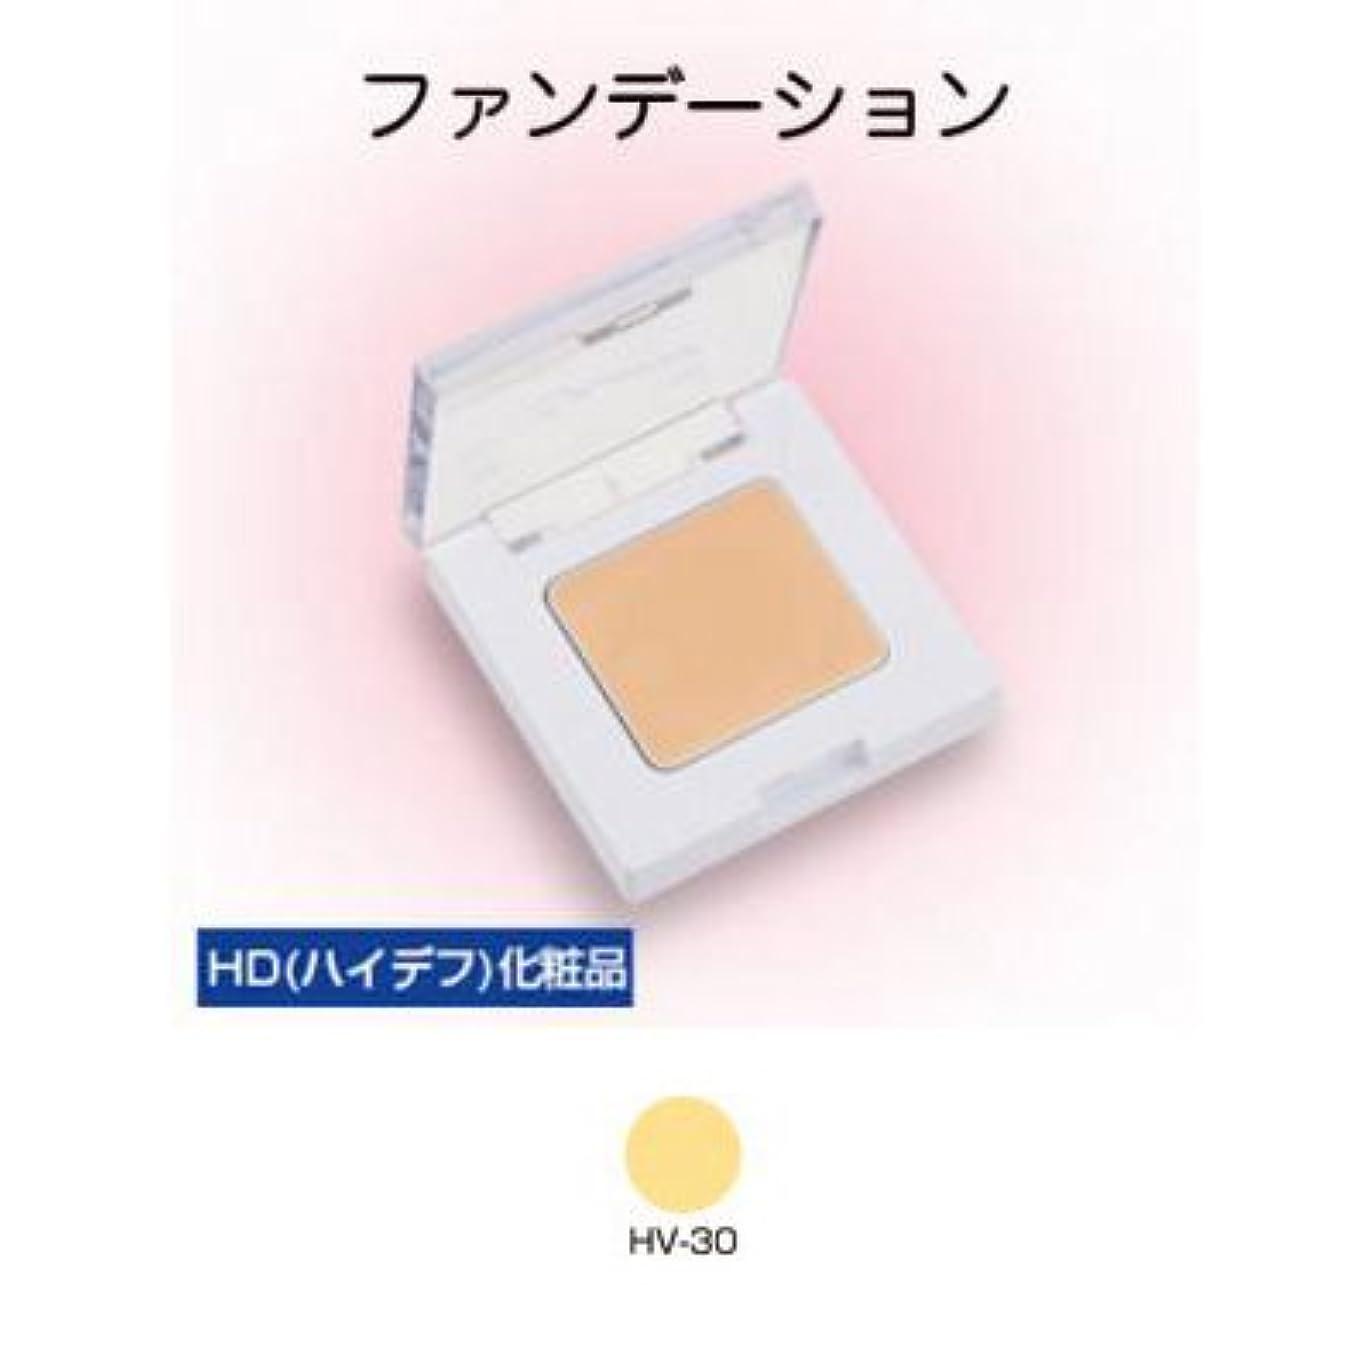 ペインギリック呼びかけるコインシャレナ カバーファンデーション ミニ HV-30 【三善】